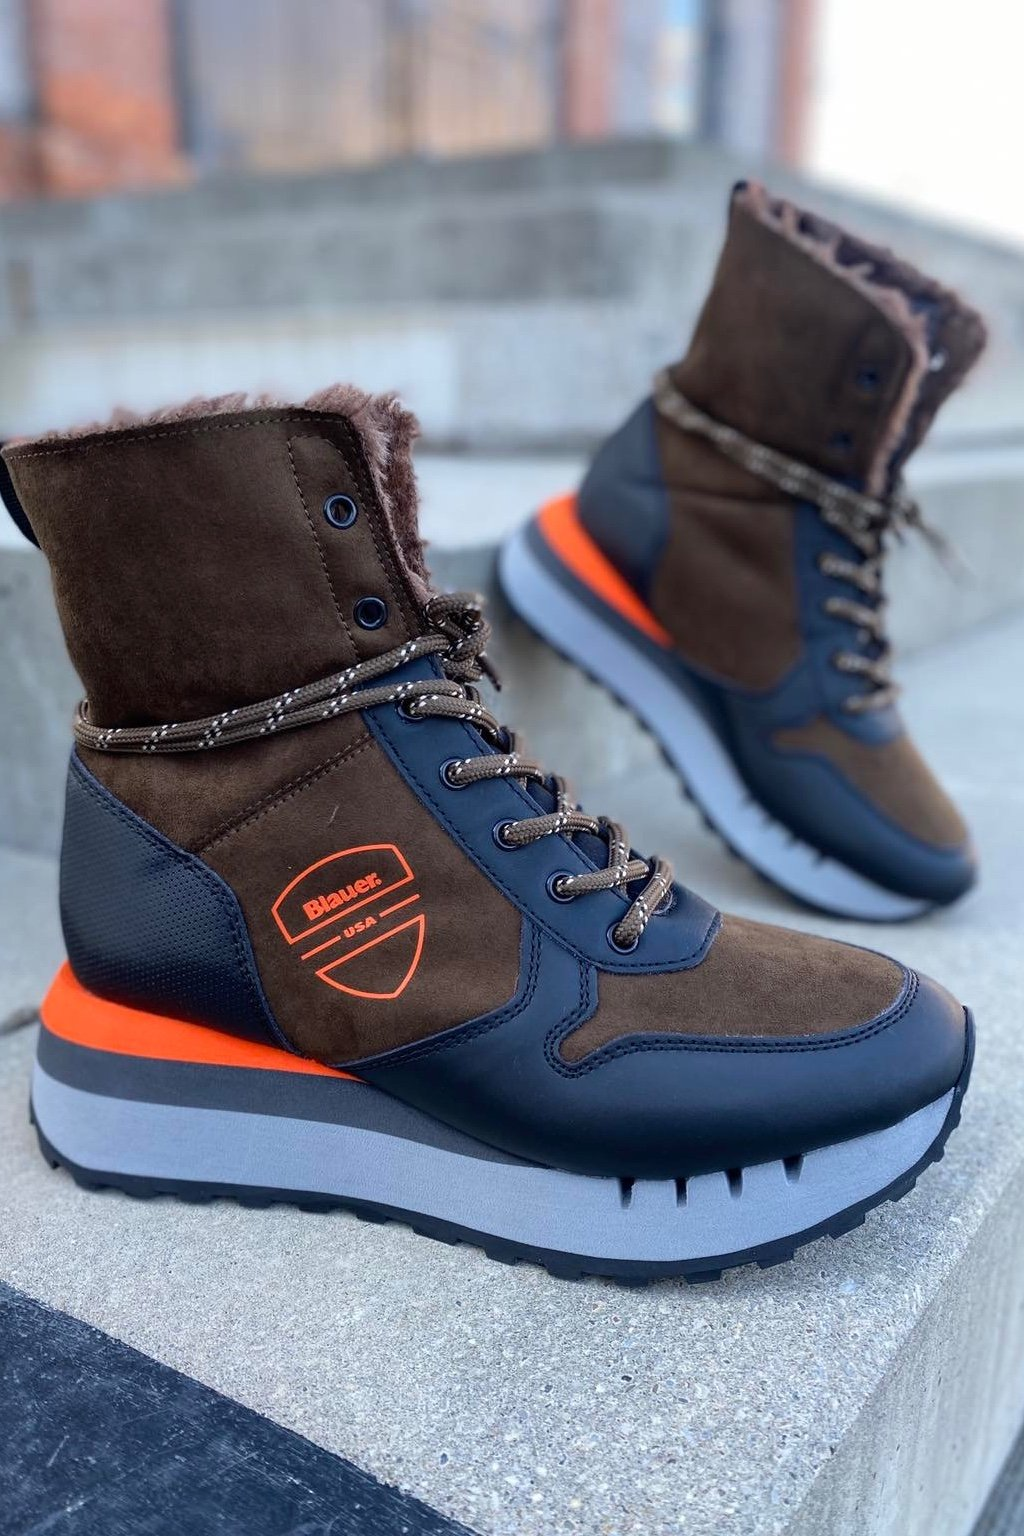 Dámská obuv Blauer F1CHARLEY03 SHE tmavě hnědé